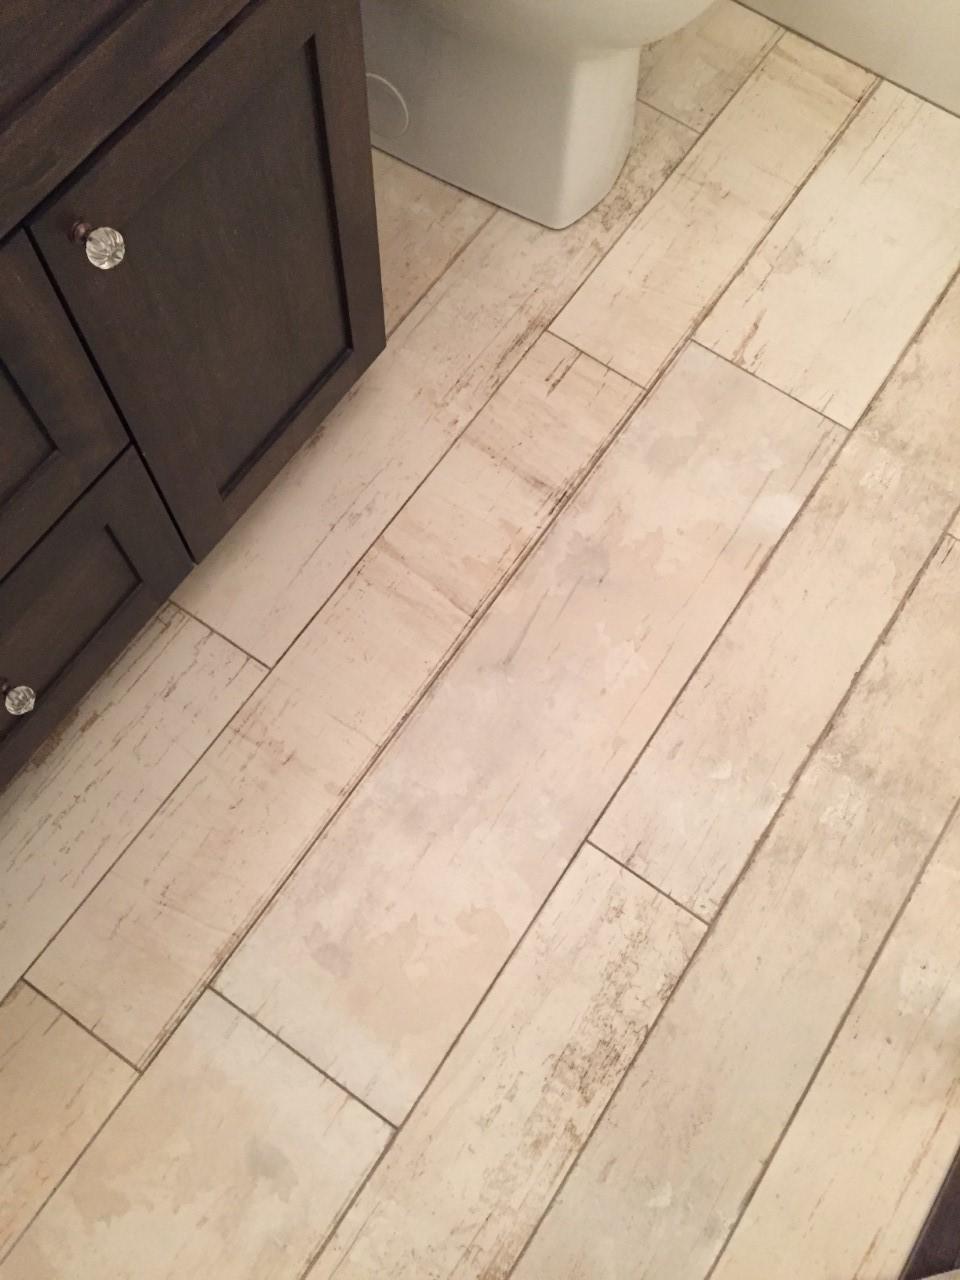 rustic tile floor.jpg